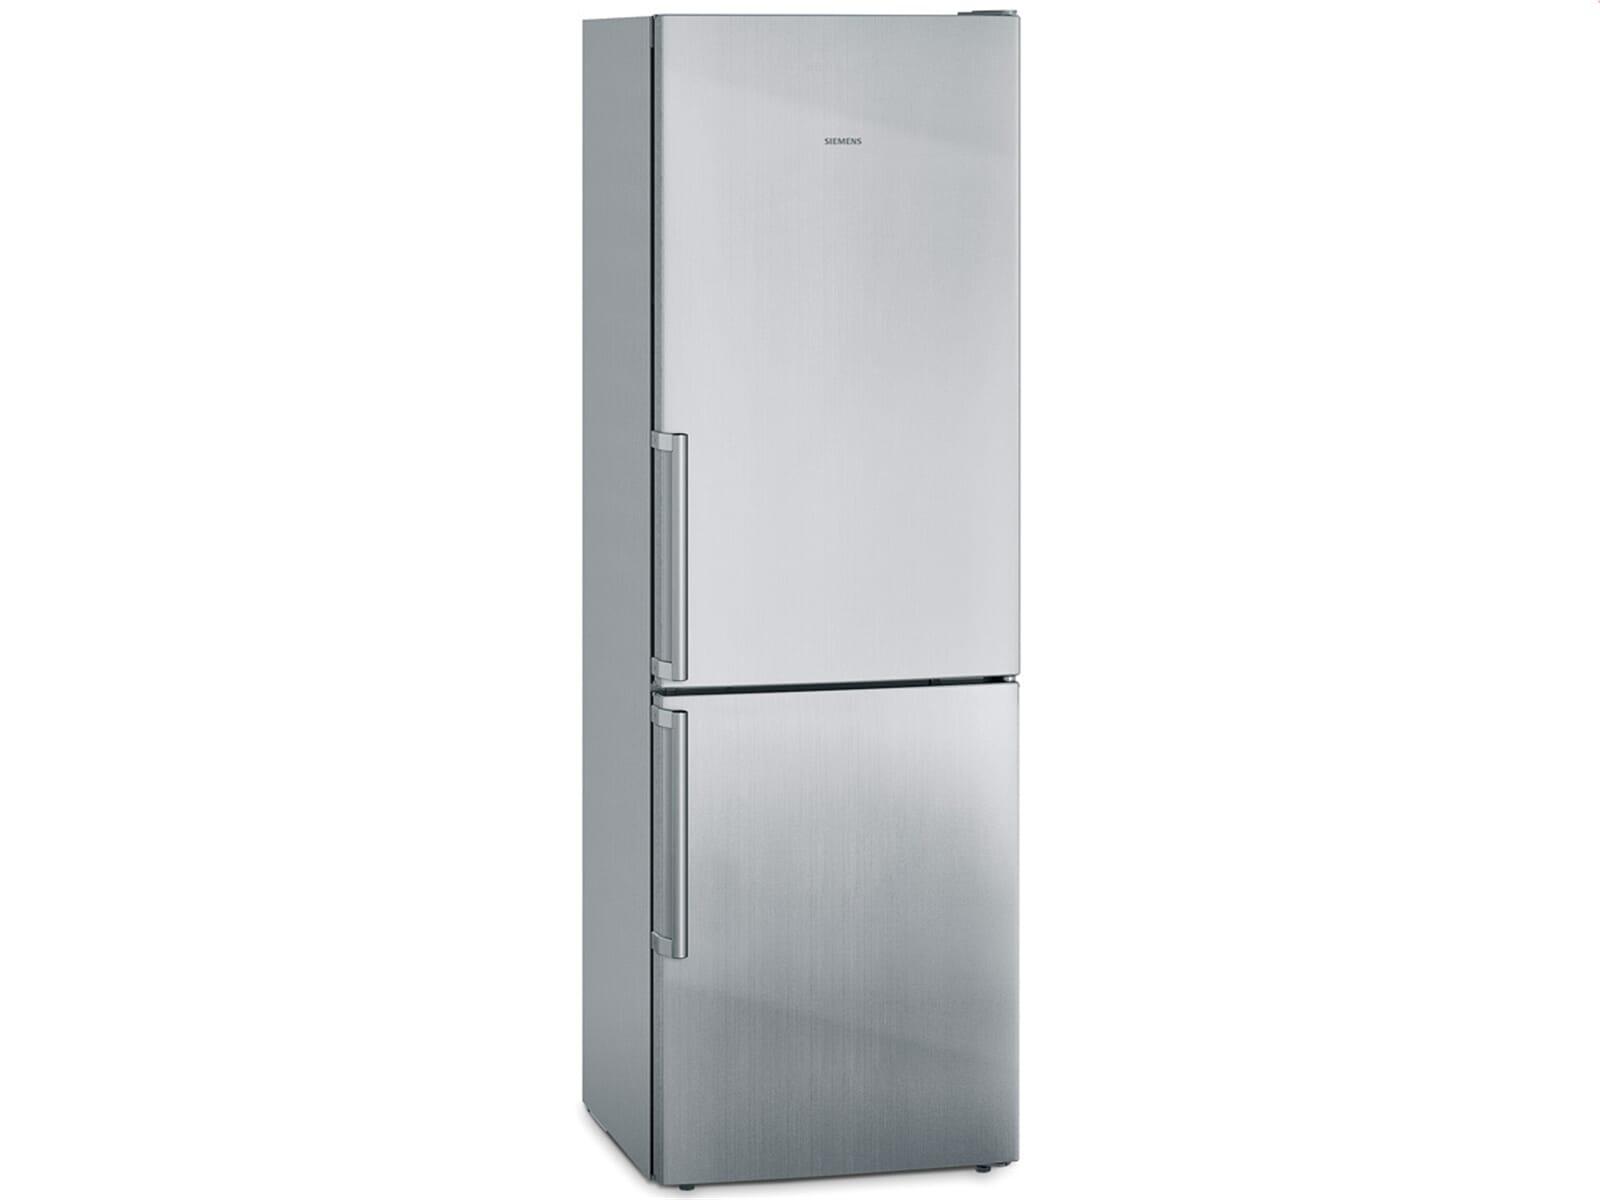 Siemens Kühlschrank Display Al : Siemens kg eal kühl gefrierkombination edelstahl look